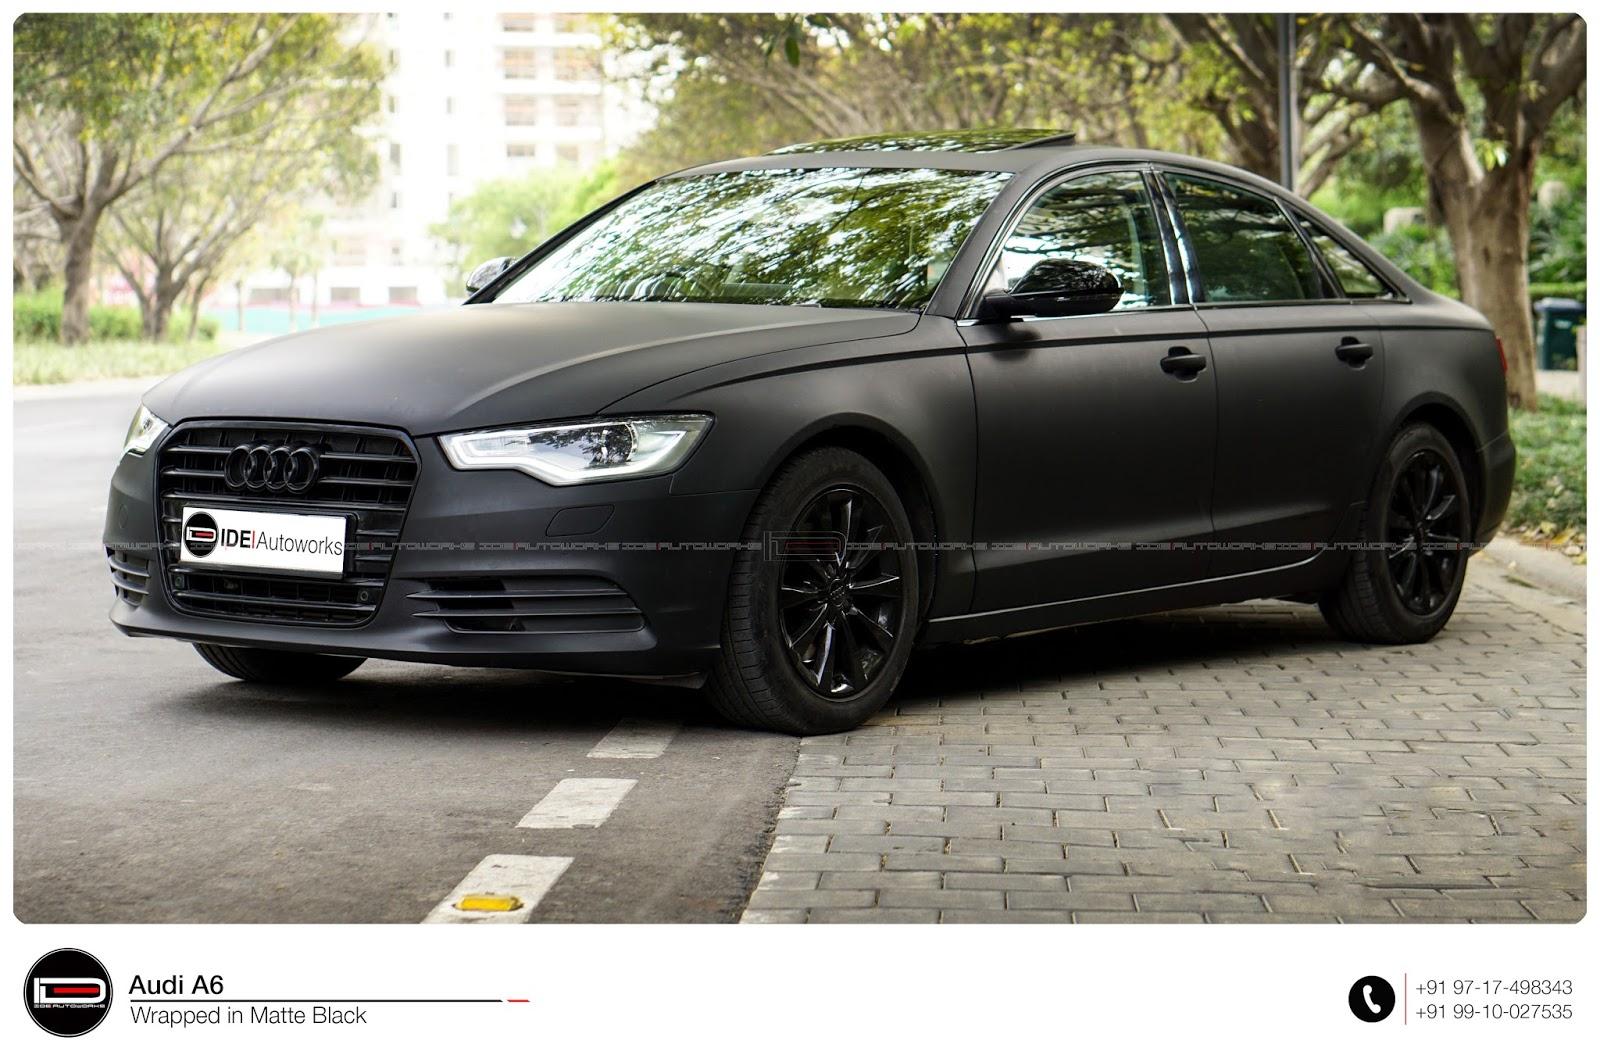 Audi A6: Matte Black Wrap | IDE Autoworks Matte Black Audi A on matte black audi rs6, matte black audi quattro, matte black audi coupe, matte black audi a5, matte black audi a8, matte black audi q3, matte black range rover, matte black audi b5, matte black audi rs7, matte black audi a8l, matte black audi rs4, matte black bmw convertible, matte black lexus gx, matte black ford super duty, matte black audi a9, matte white audi, matte black audi a7, matte black audi 2015, matte black jaguar x type, matte black audi r8,